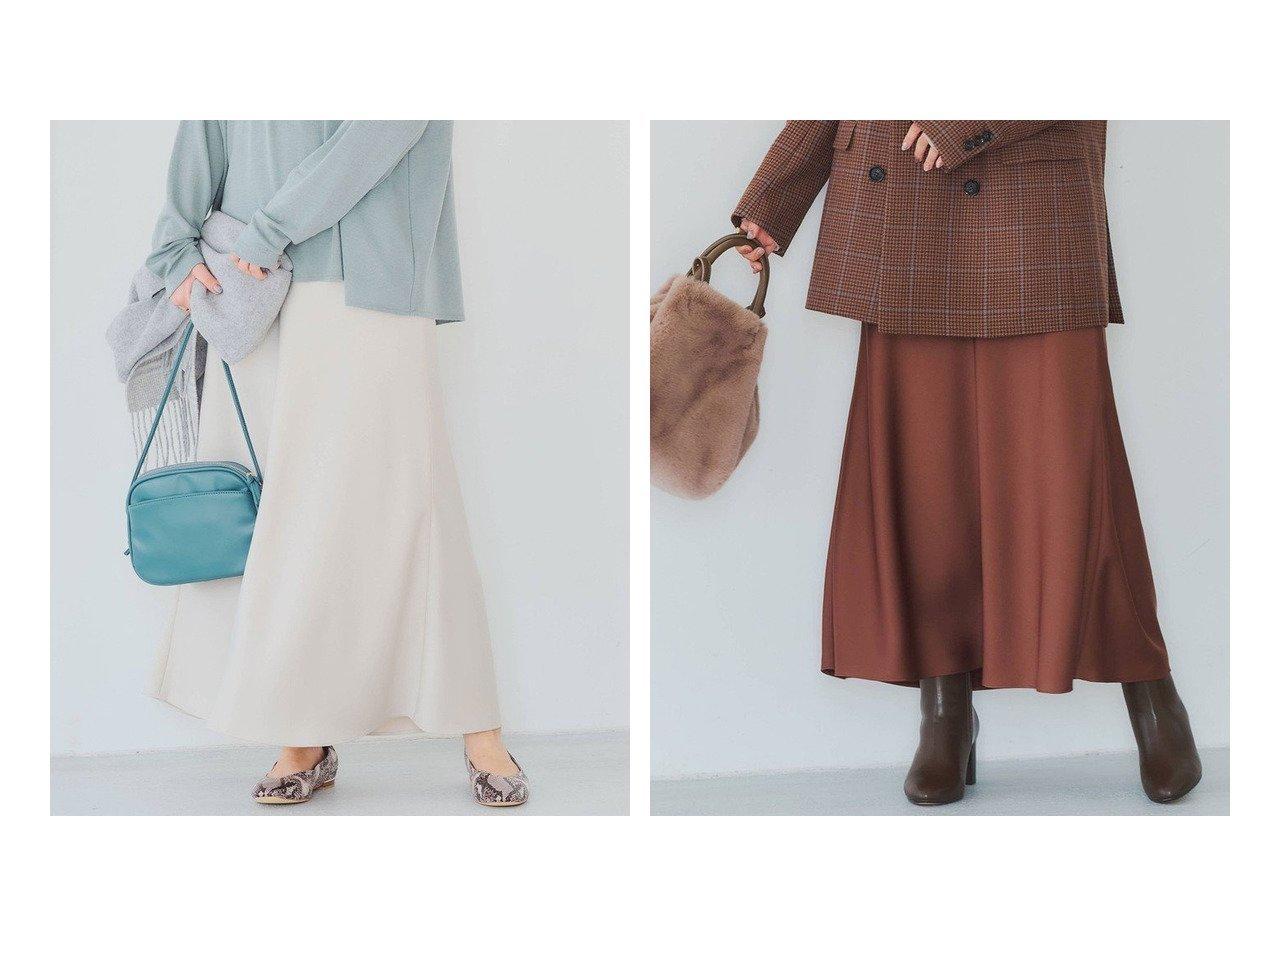 【green label relaxing / UNITED ARROWS/グリーンレーベル リラクシング / ユナイテッドアローズ】のCFC サテン ナロー フレア スカート スカートのおすすめ!人気トレンド・レディースファッションの通販 おすすめで人気の流行・トレンド、ファッションの通販商品 メンズファッション・キッズファッション・インテリア・家具・レディースファッション・服の通販 founy(ファニー) https://founy.com/ ファッション Fashion レディースファッション WOMEN スカート Skirt Aライン/フレアスカート Flared A-Line Skirts ウェーブ 春 秋 くるぶし ギャザー 今季 サテン シューズ フレア マキシ ロング |ID:crp329100000008980